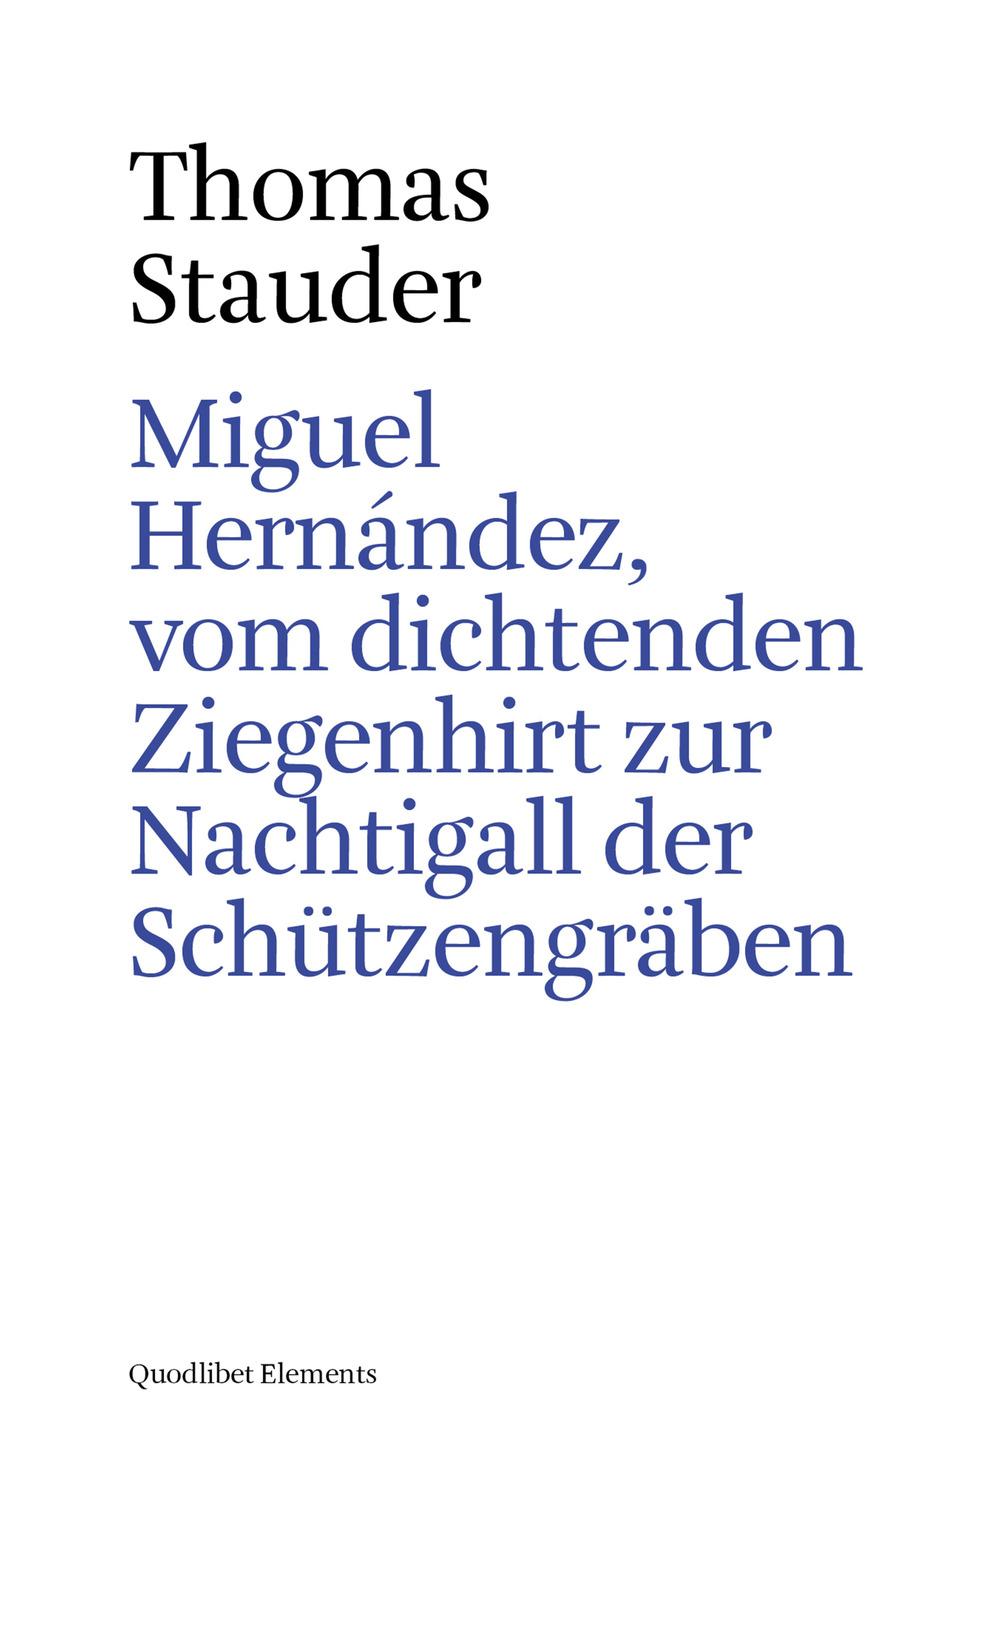 MIGUEL HERNÁNDEZ, VOM DICHTENDEN ZIEGENHIRT ZUR NACHTIGALL DER SCHU¨TZENGRÄBEN - 9788822900708